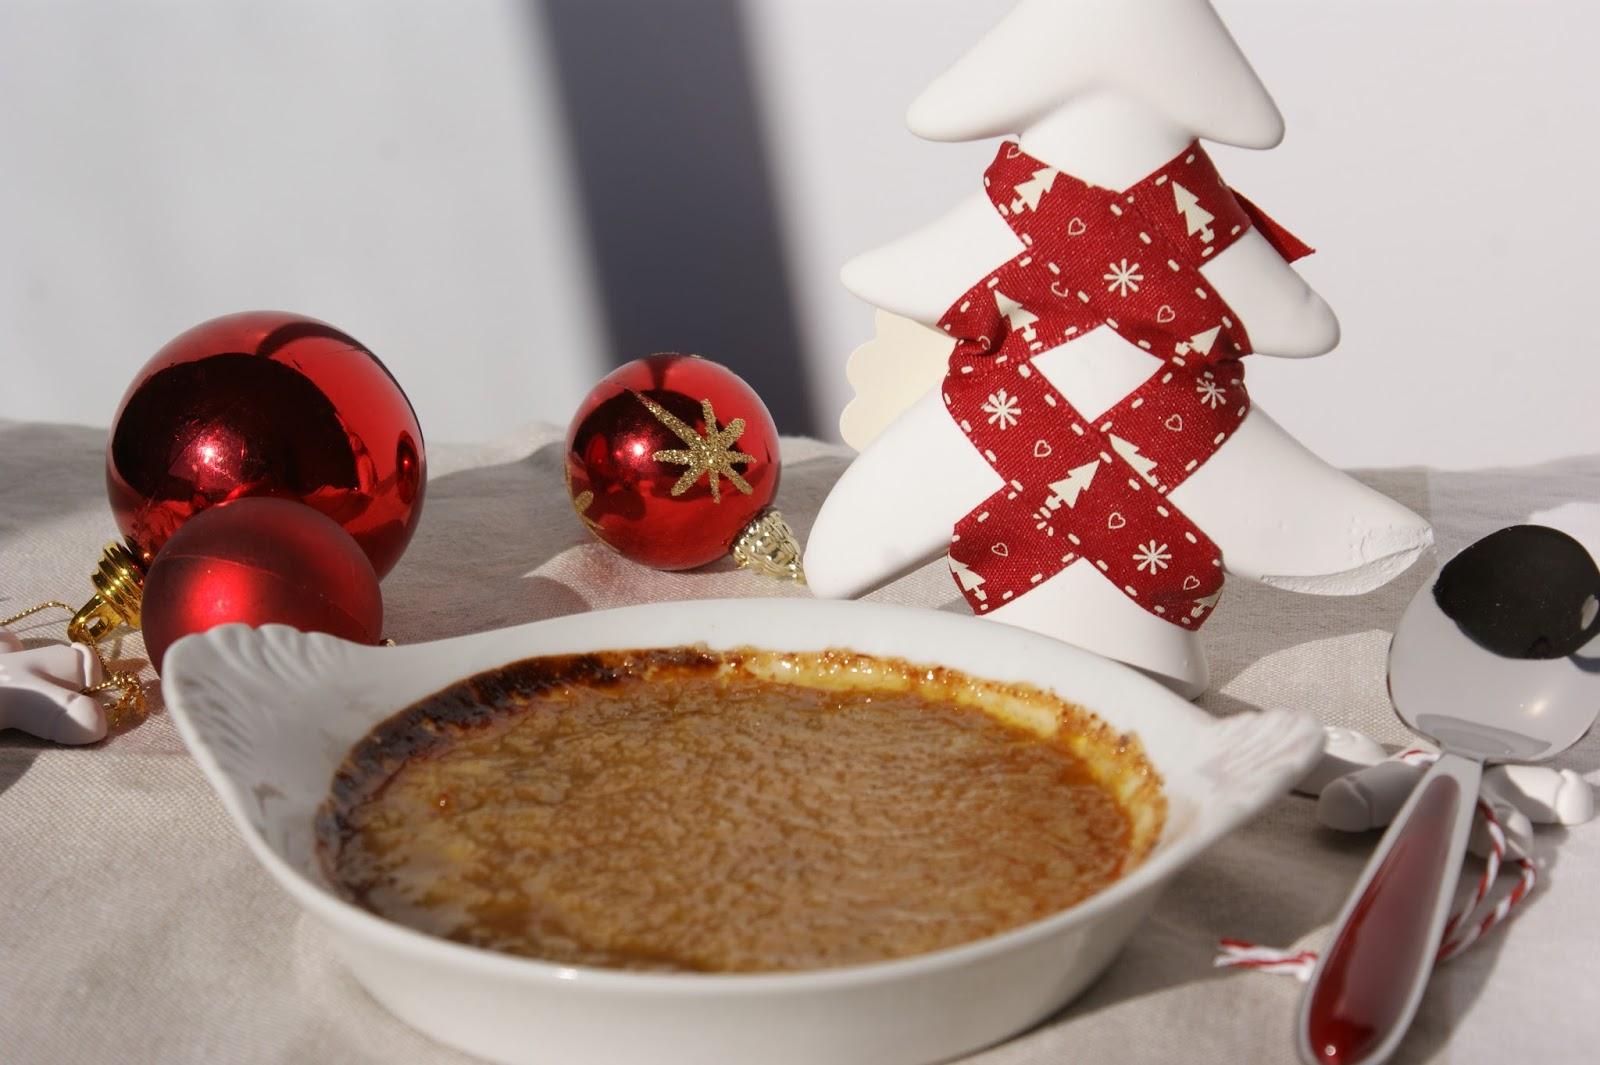 Crème brûlée de foie gras au Monbazillac